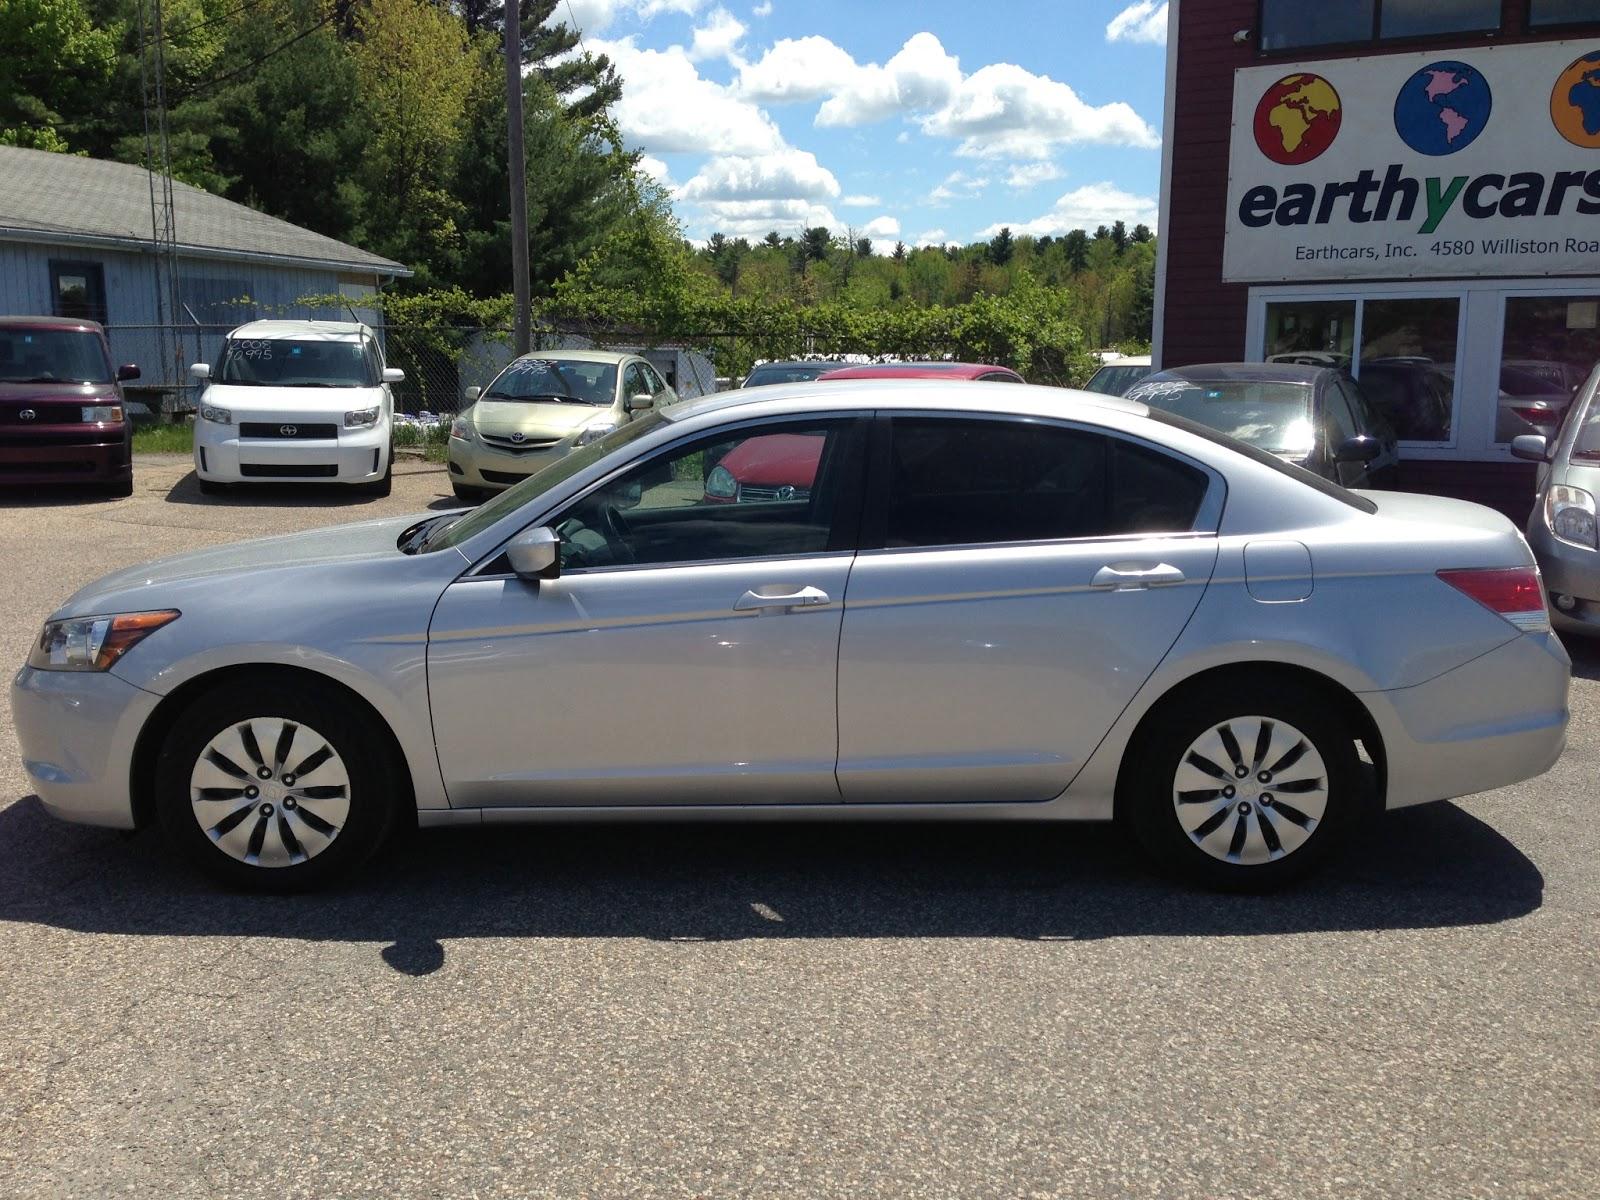 2010 Honda Accord 2.4 LX P, Silver, Sedan, 6516 Mi, $17,995 $16,500  Http://bit.ly/19kJgrV Full Size, 5 Spd Automatic, MPG U003d 21/31